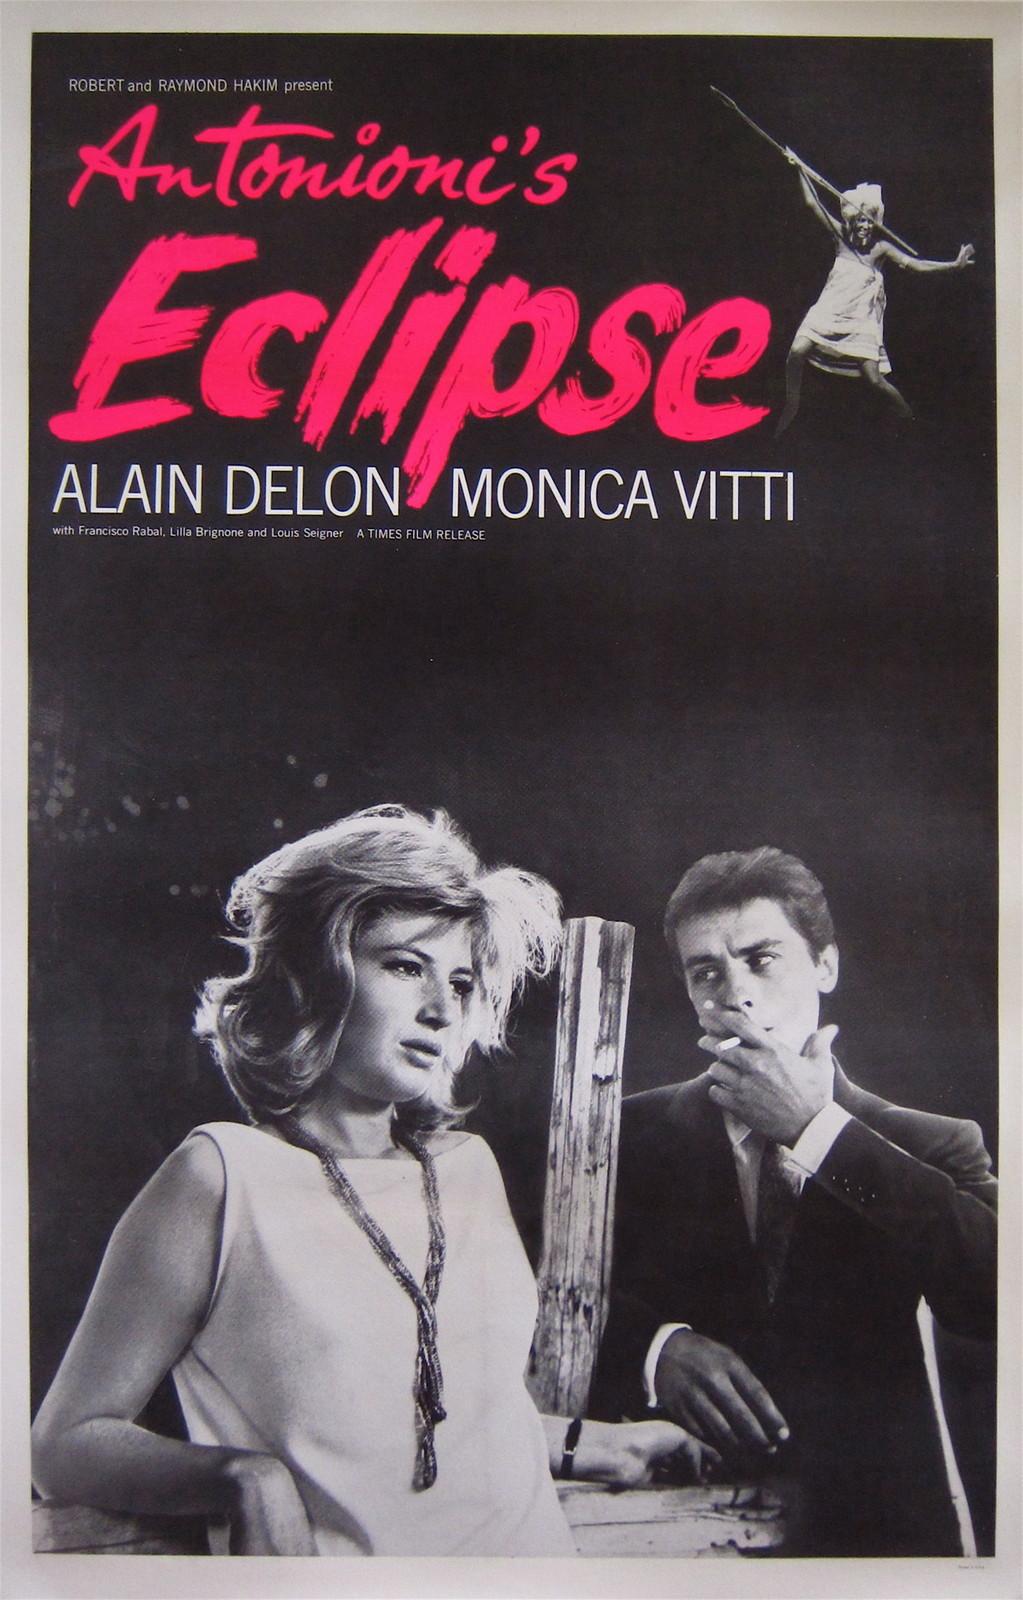 Film Trailers World: Alain Delon